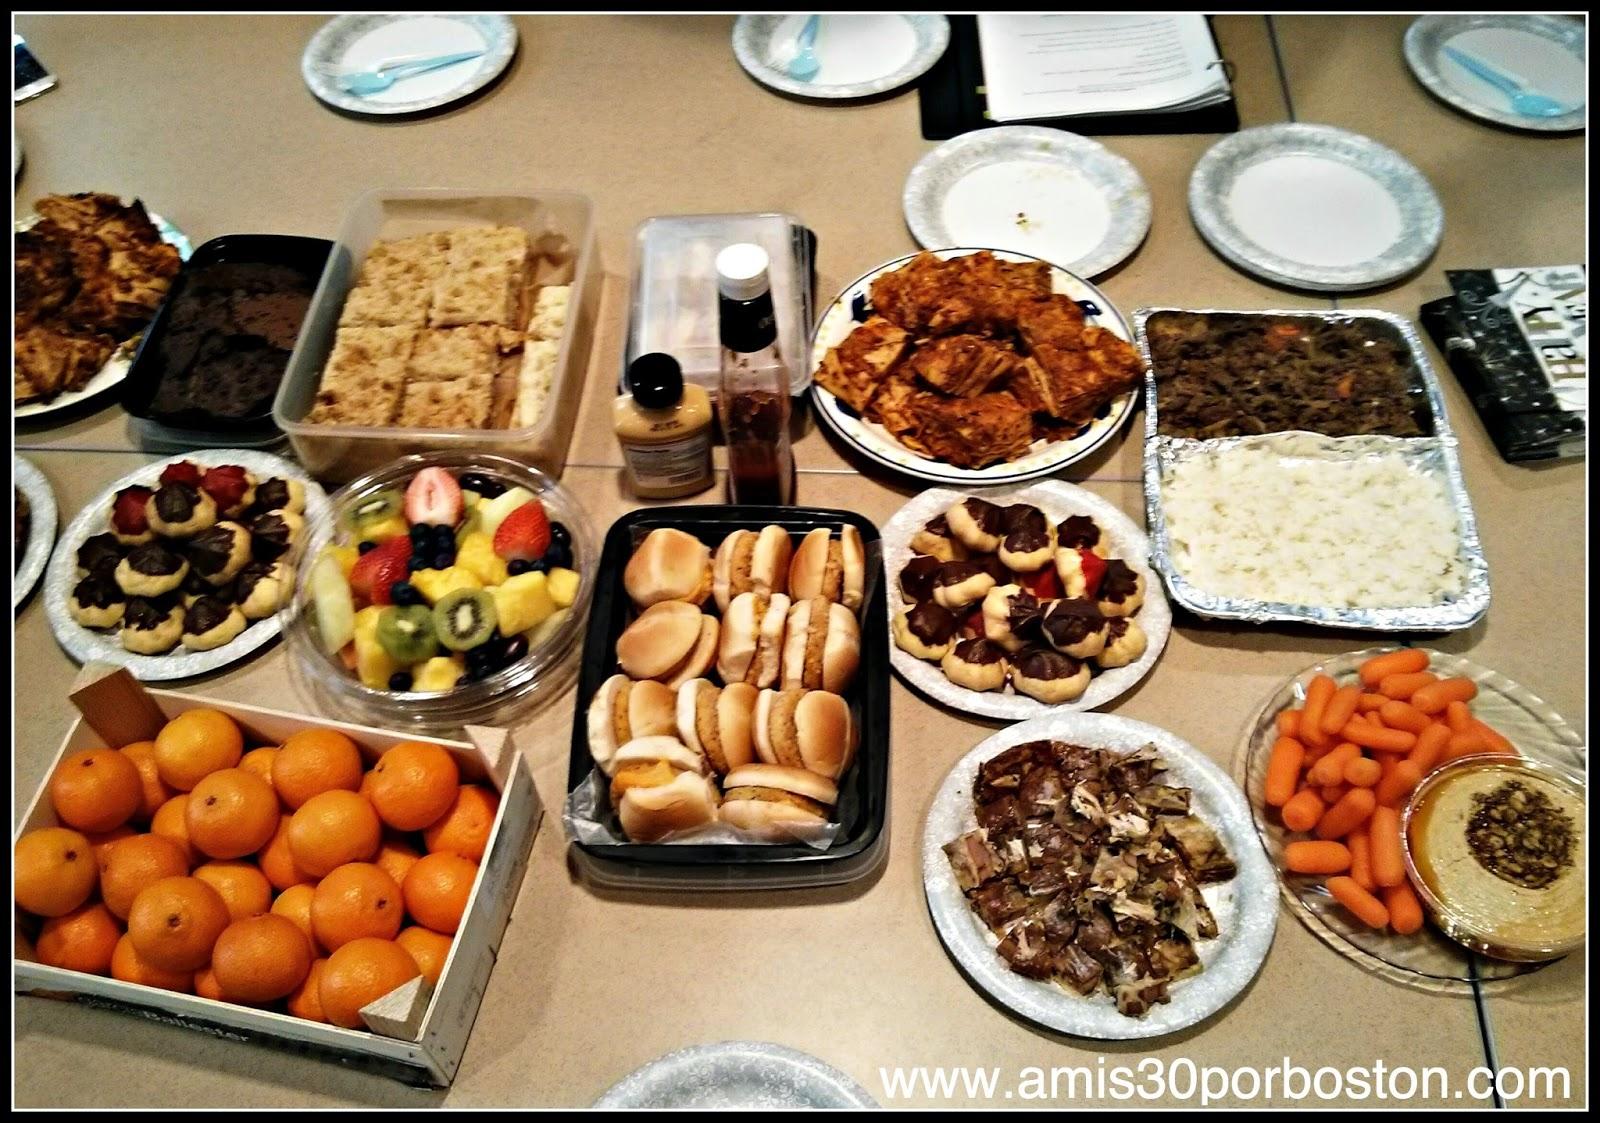 Comida para Compartir en las Clases de Inglés